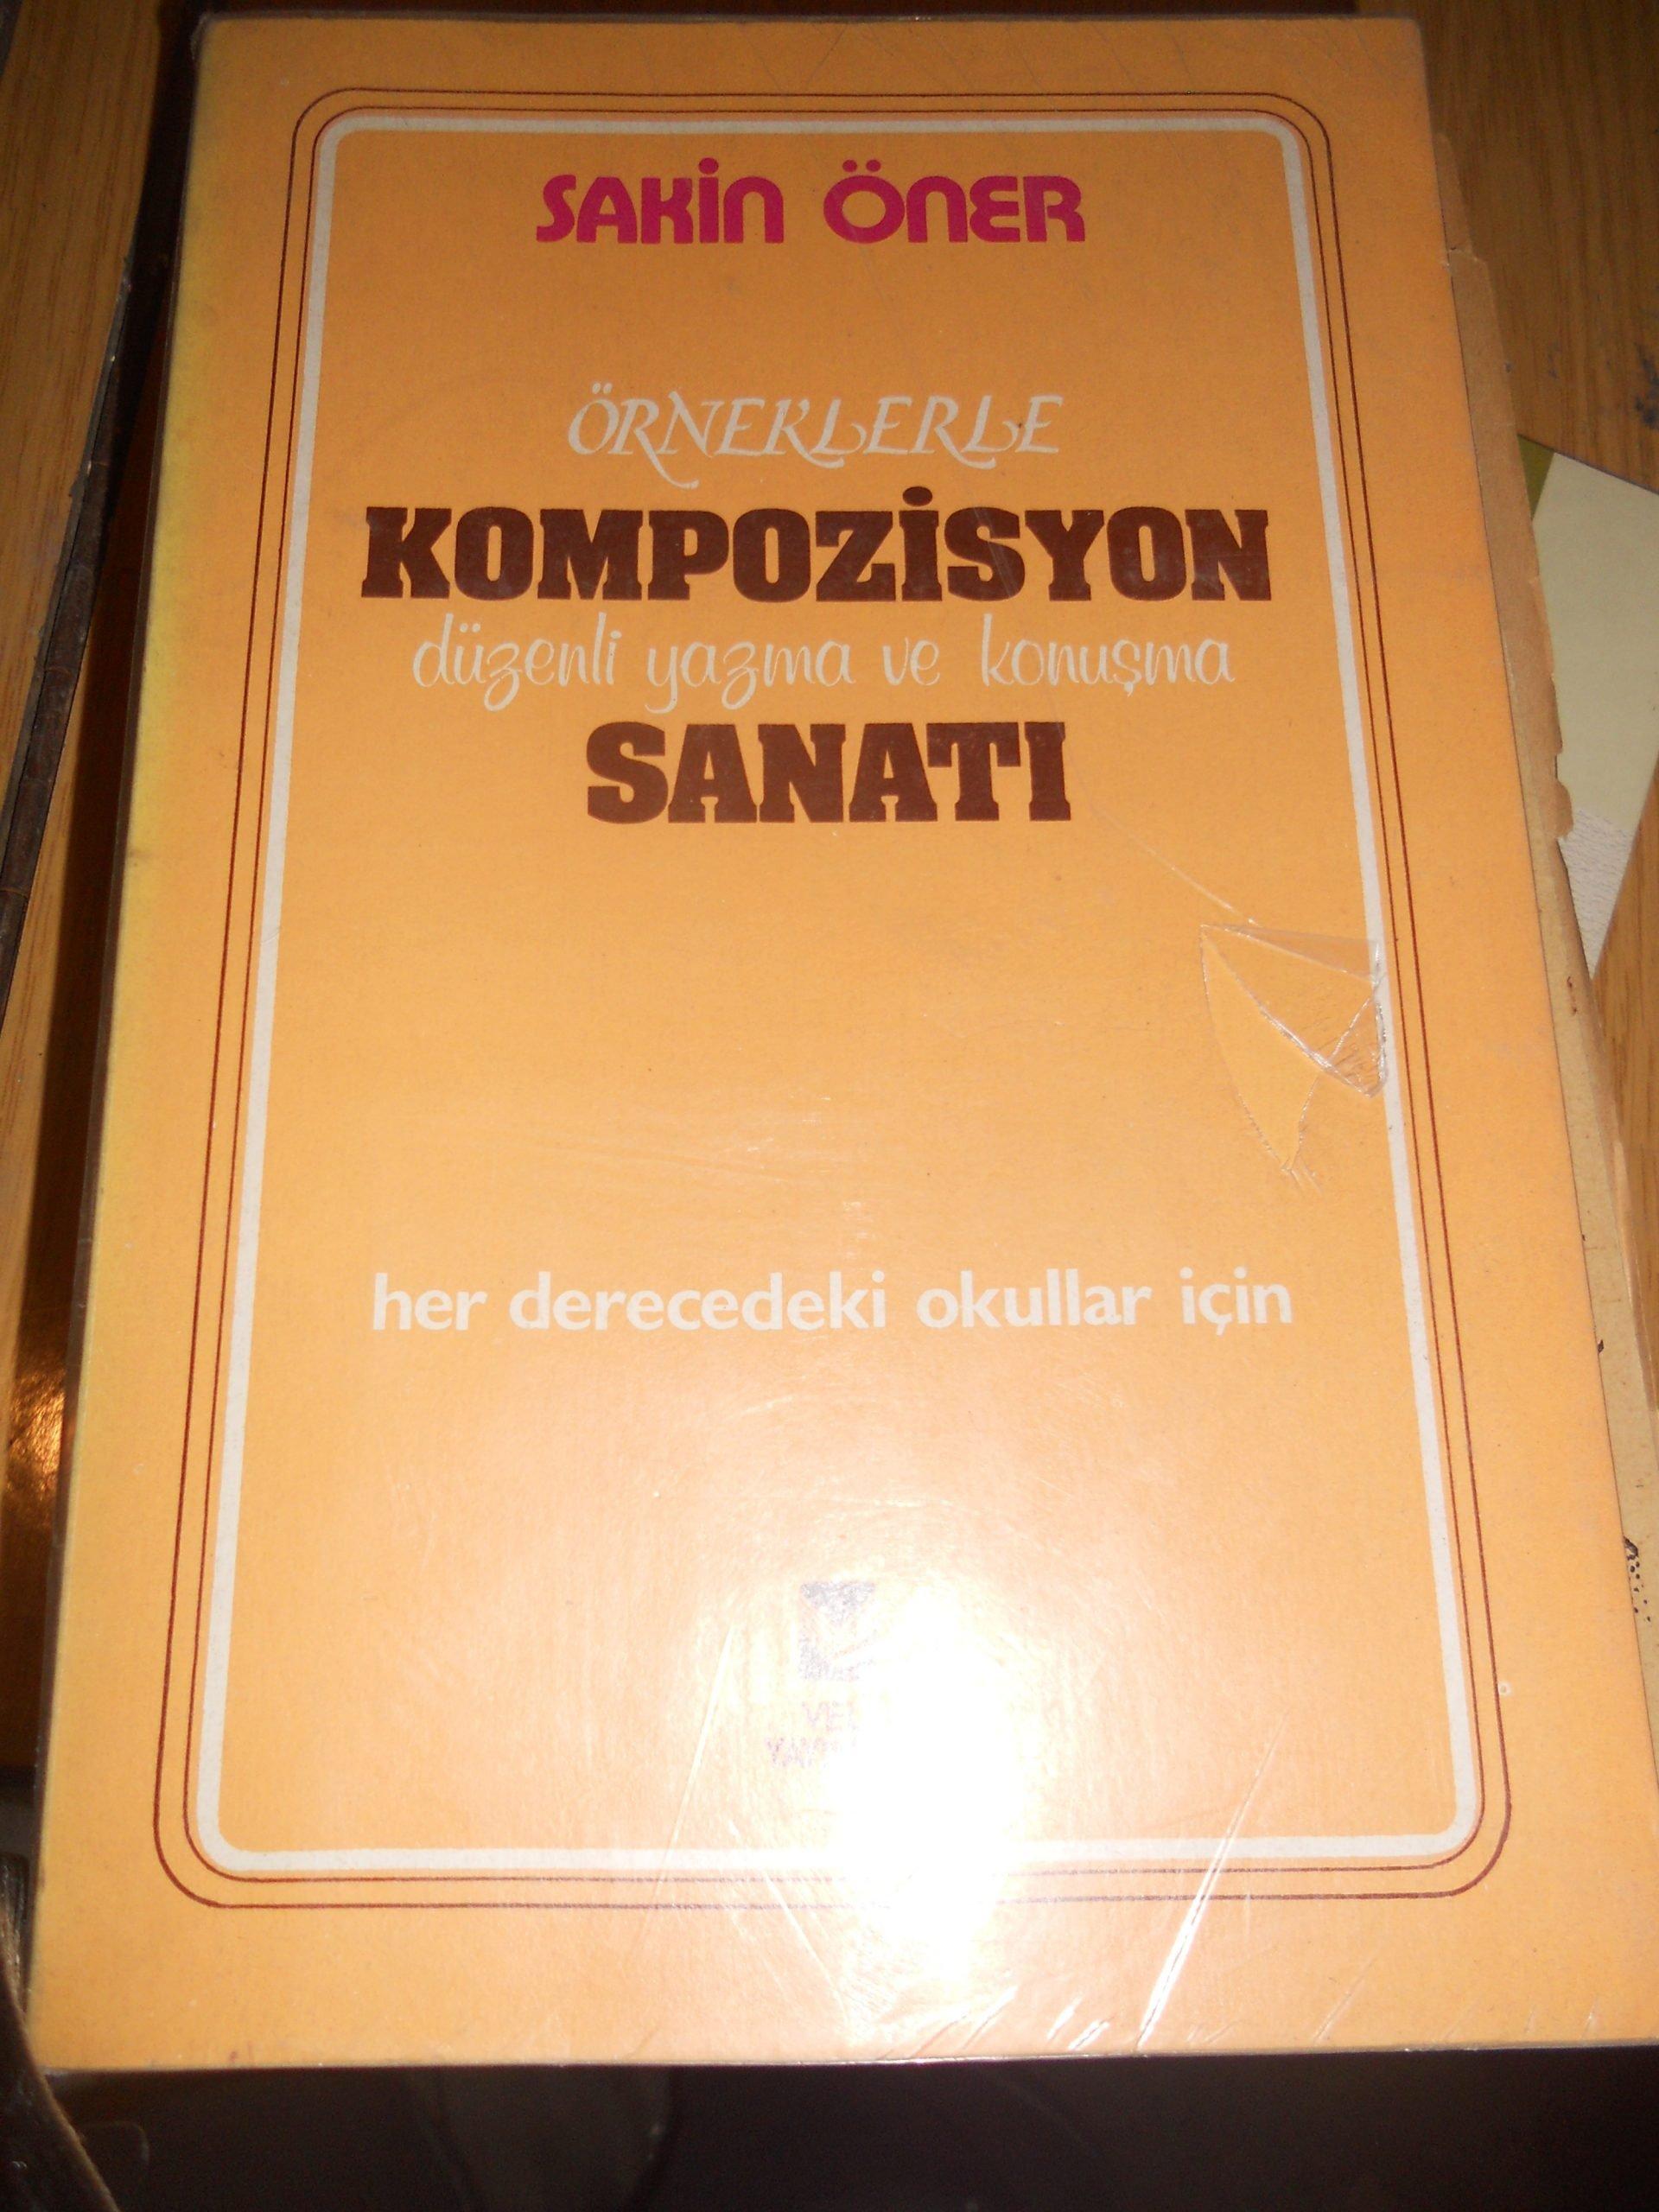 Örneklerle KOMPOZİSYON SANATI/Sakin ÖNER/20 tl